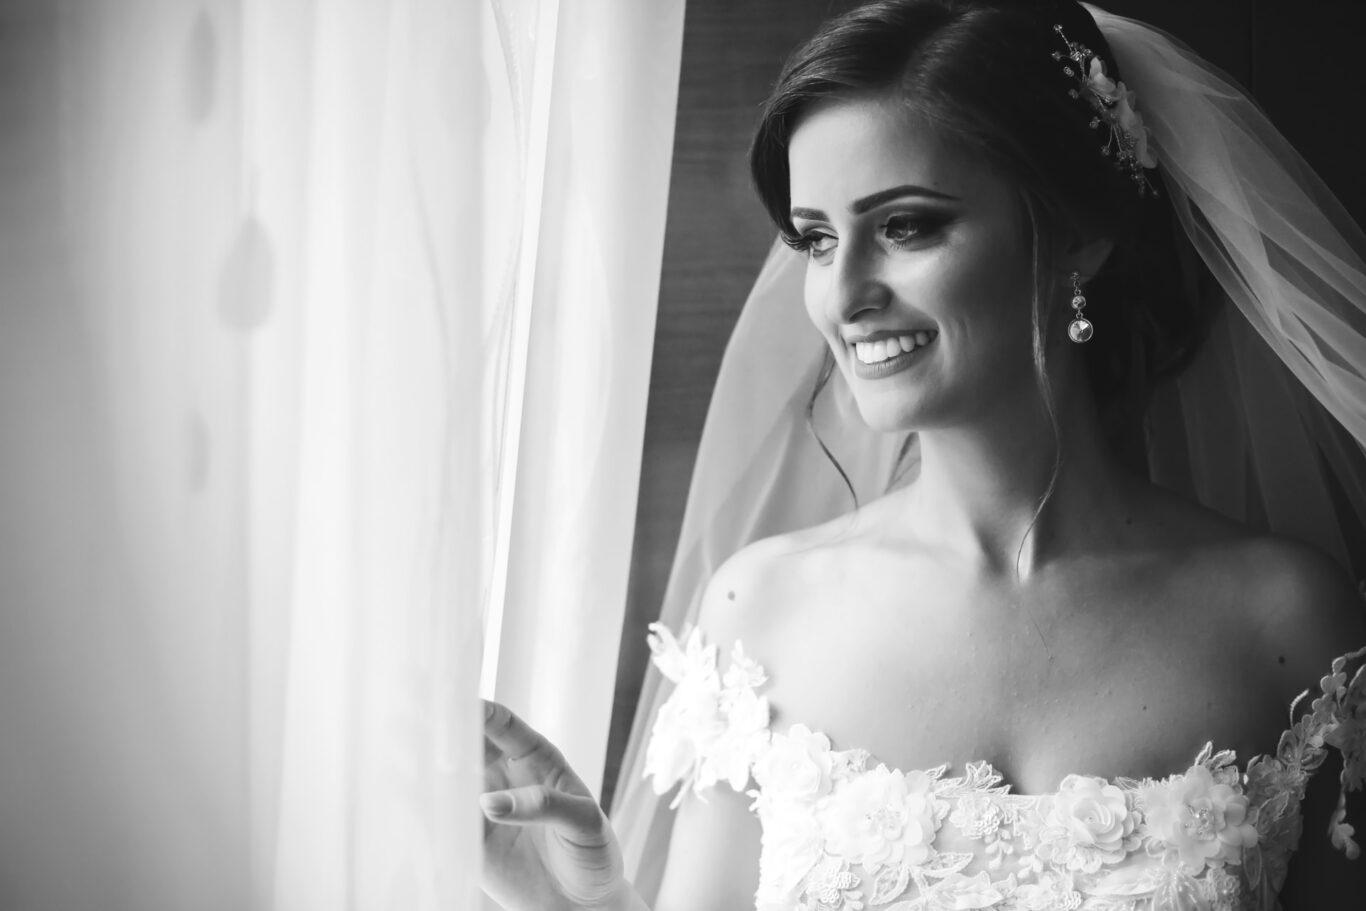 νύφη για δεύτερη φορά